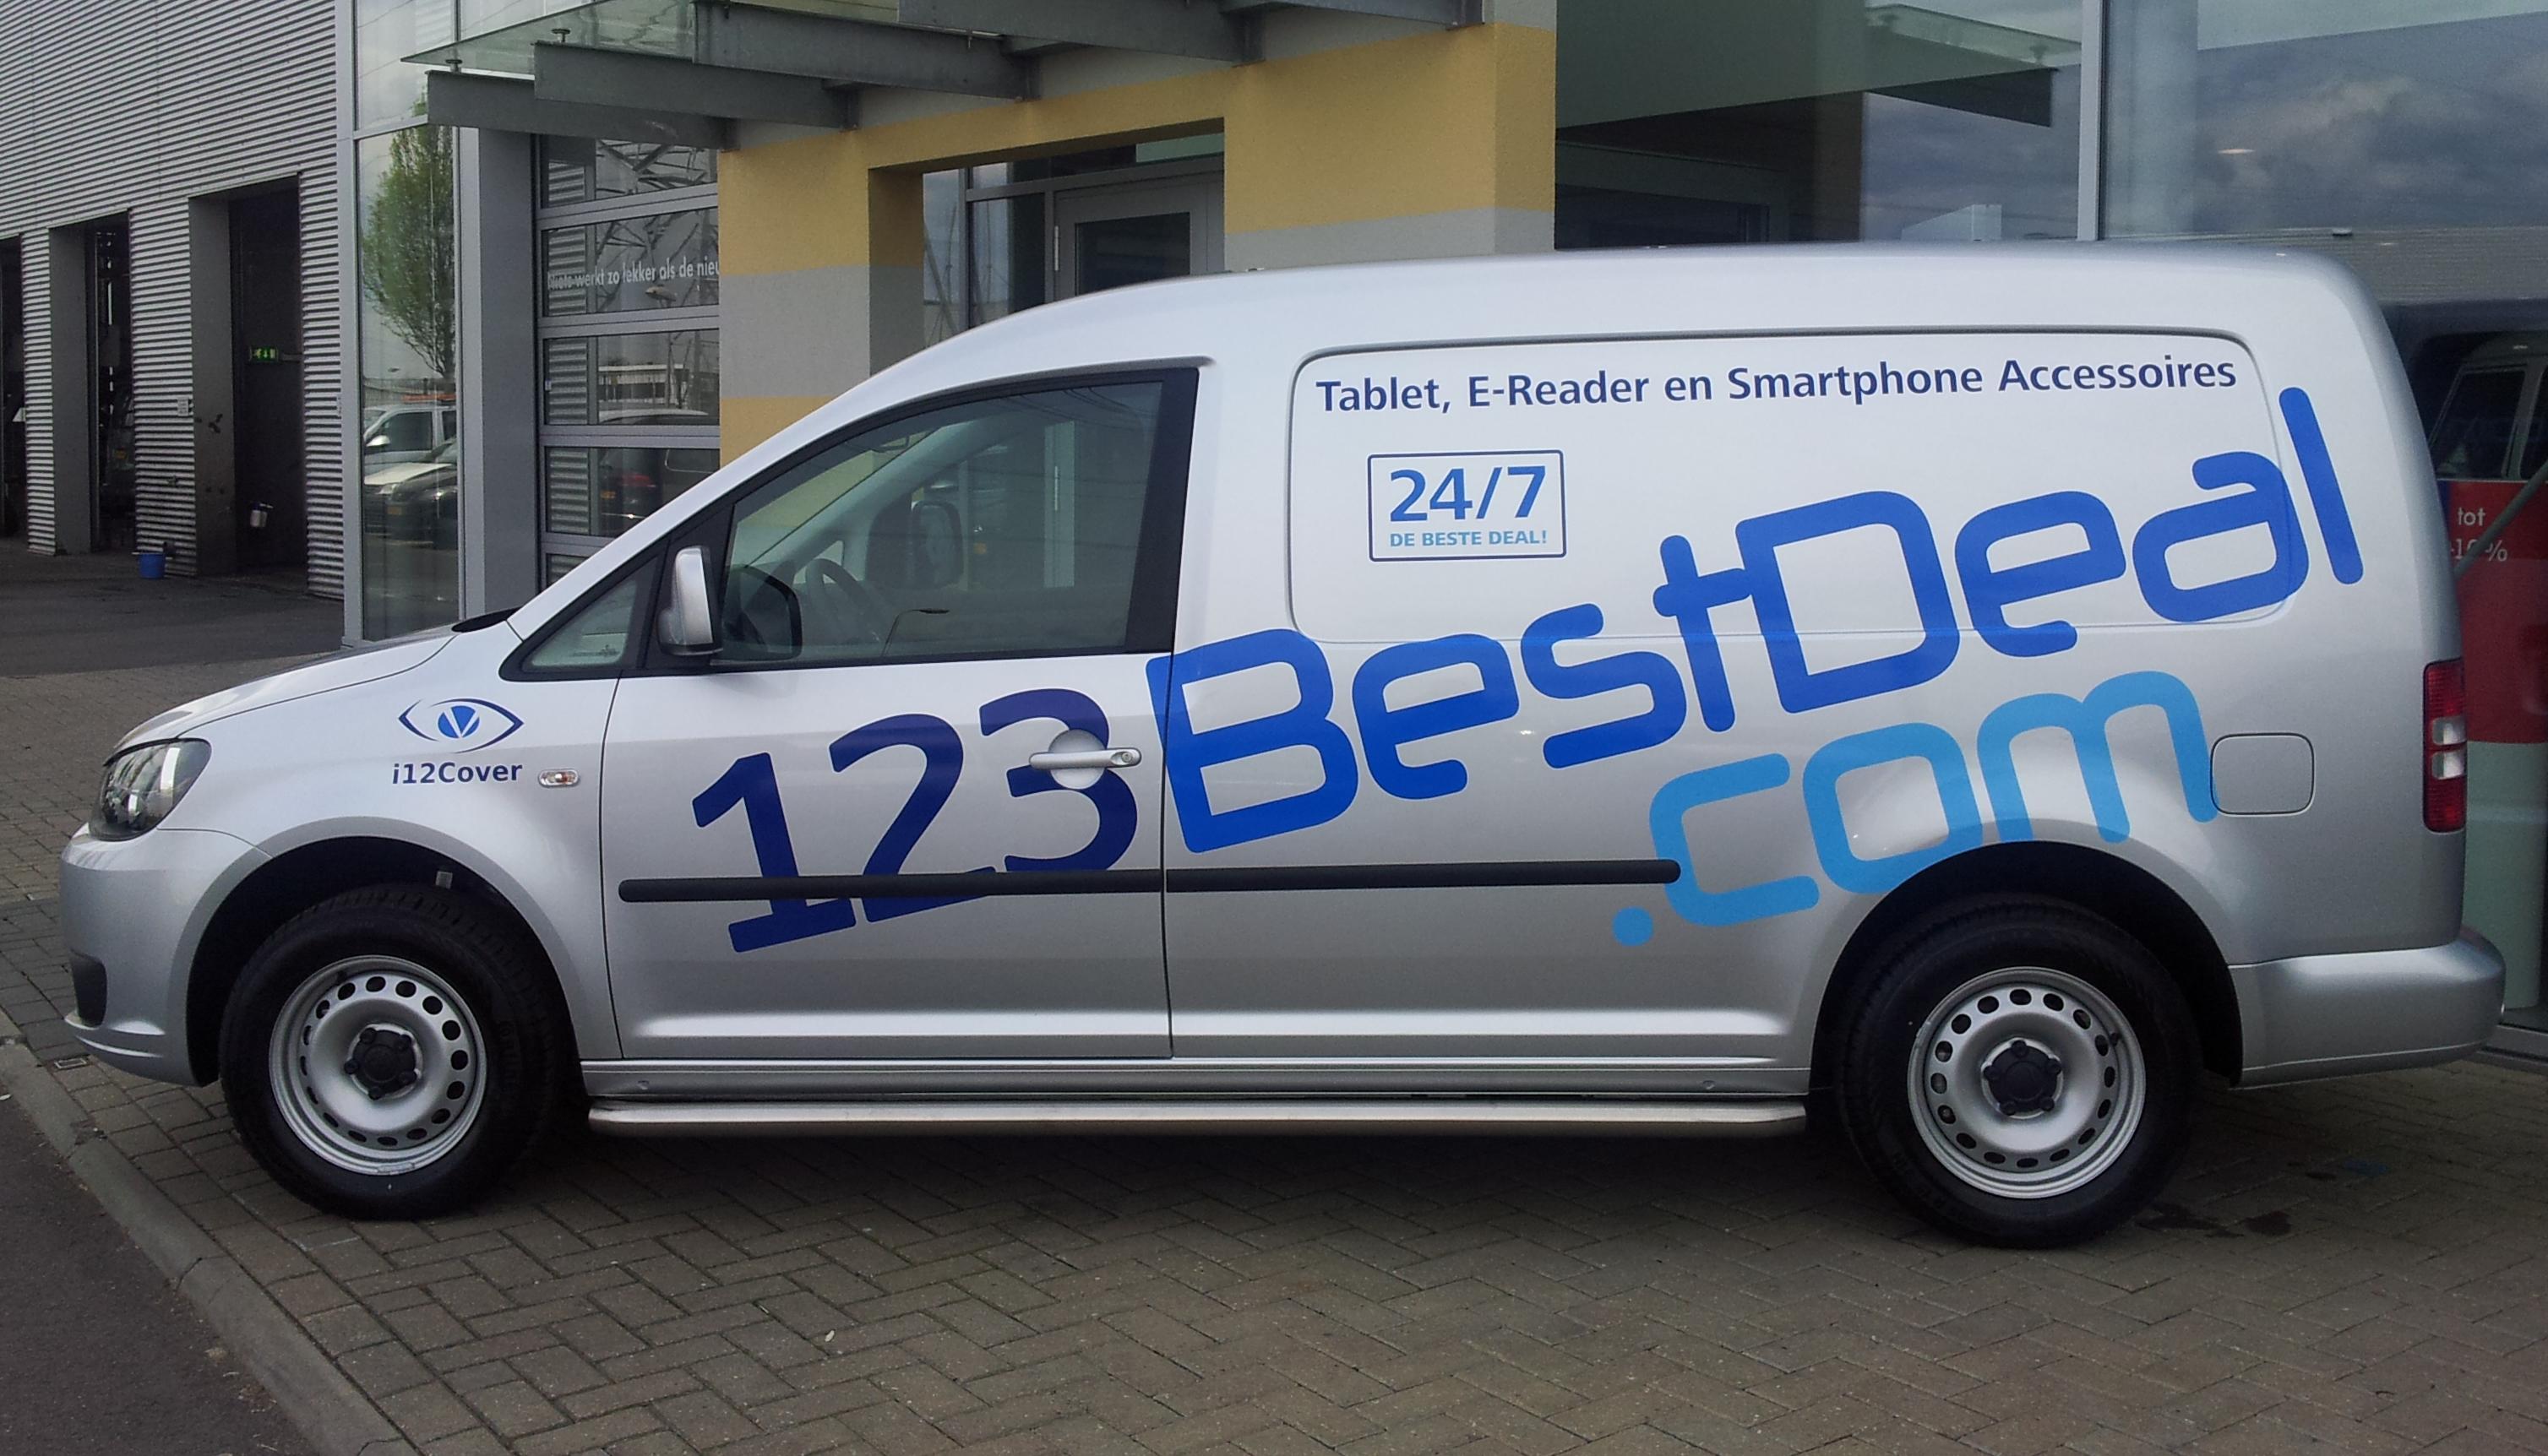 Bedrijfsauto 123BestDeal